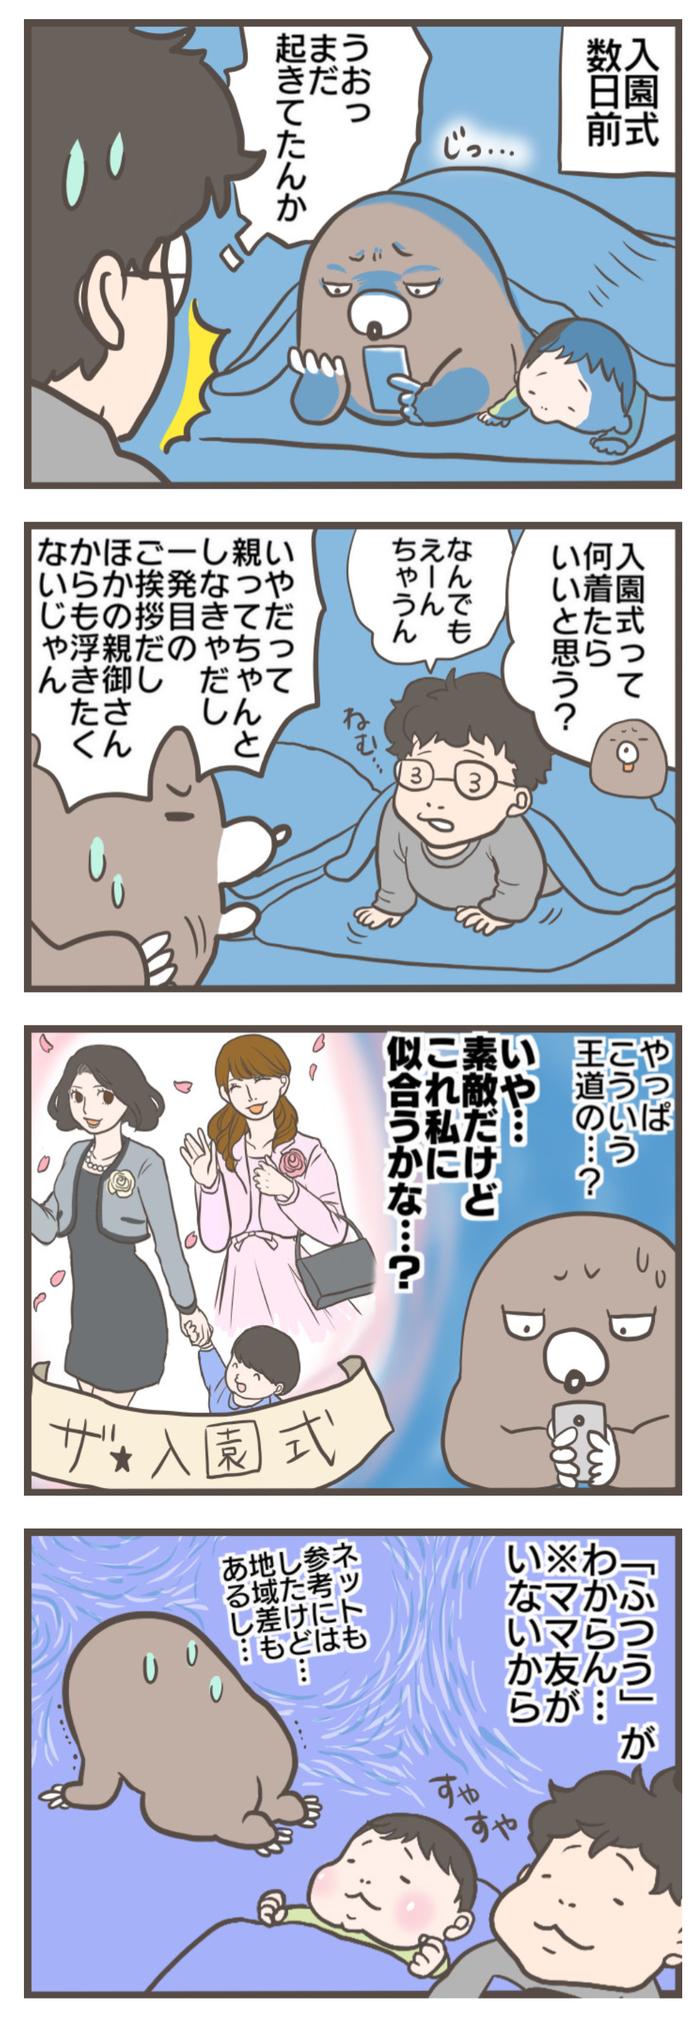 育休取得した夫、意外な本心/入園フォーマル、悩む~!…おすすめ記事4選の画像3